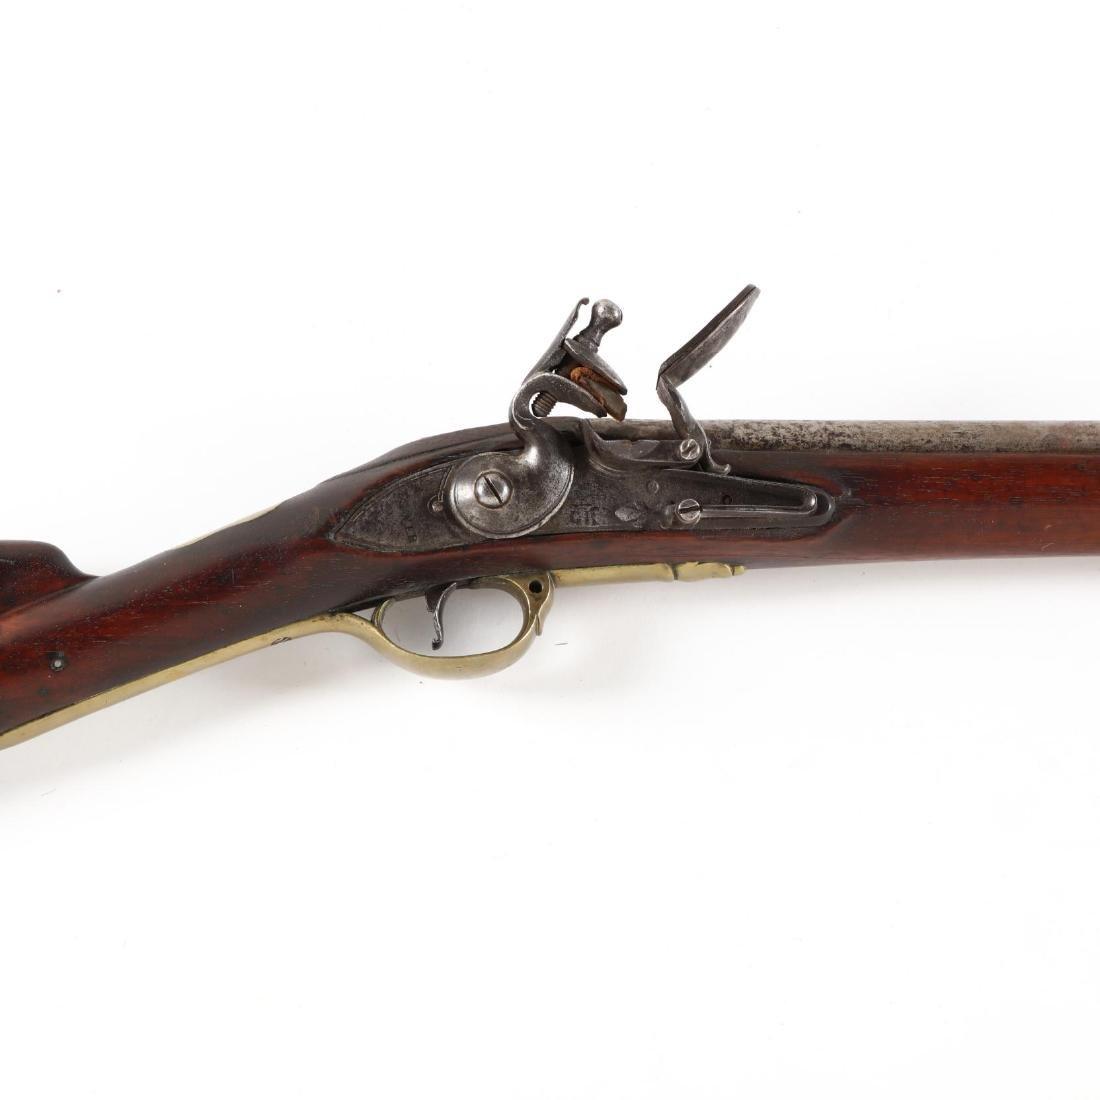 British Land Pattern Brown Bess Flintlock Musket - 2